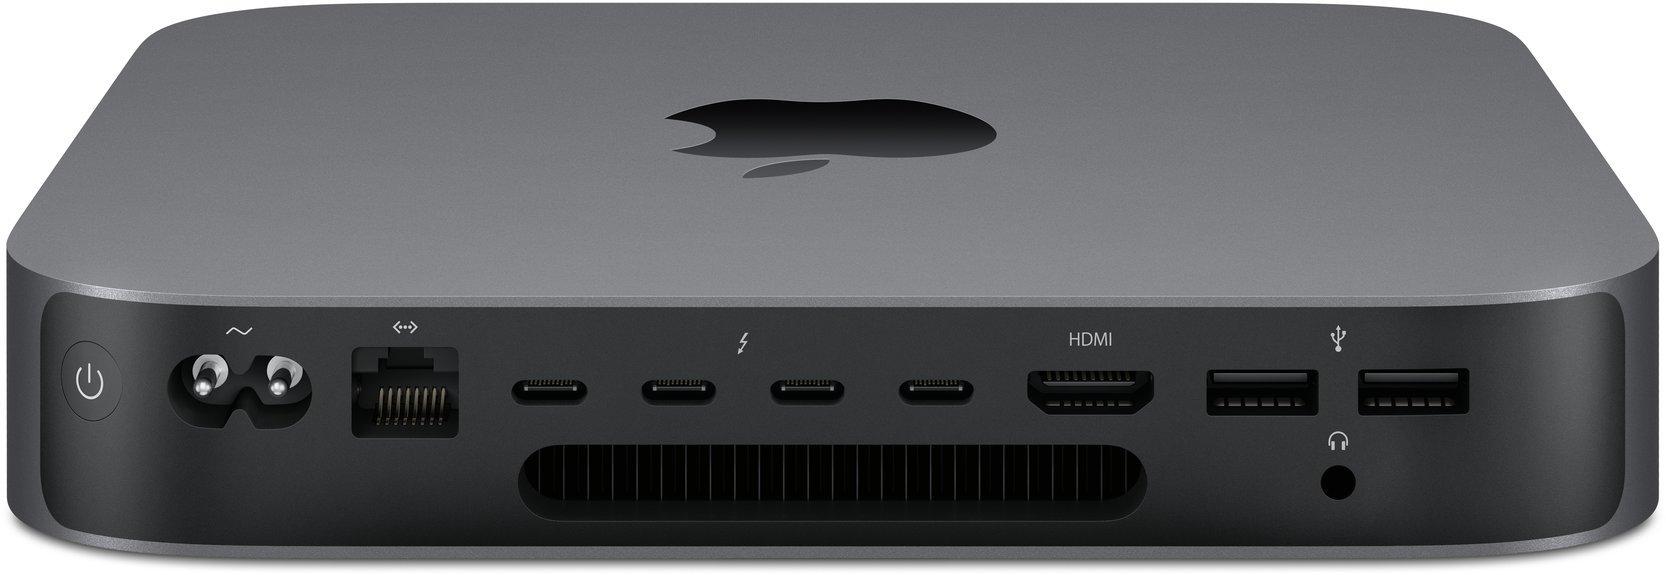 Apple Mac mini i5 3.0GHz/8GB/256GB SSD/Intel UHD/OS X - obrázek č. 0